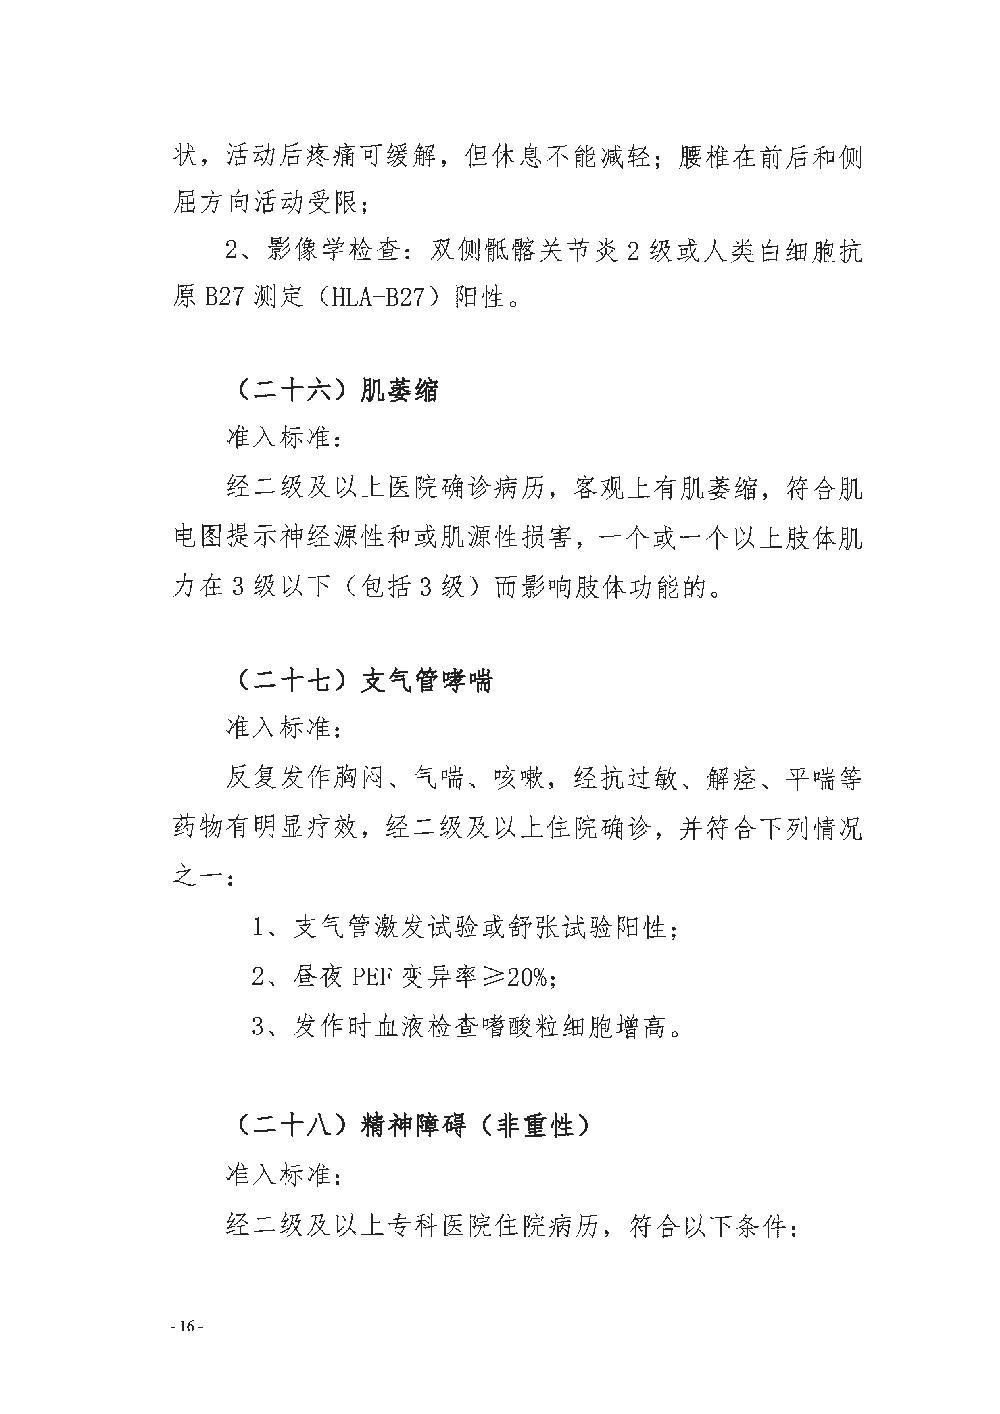 阜阳市城乡居民慢性病管理办法(1)_16.JPG